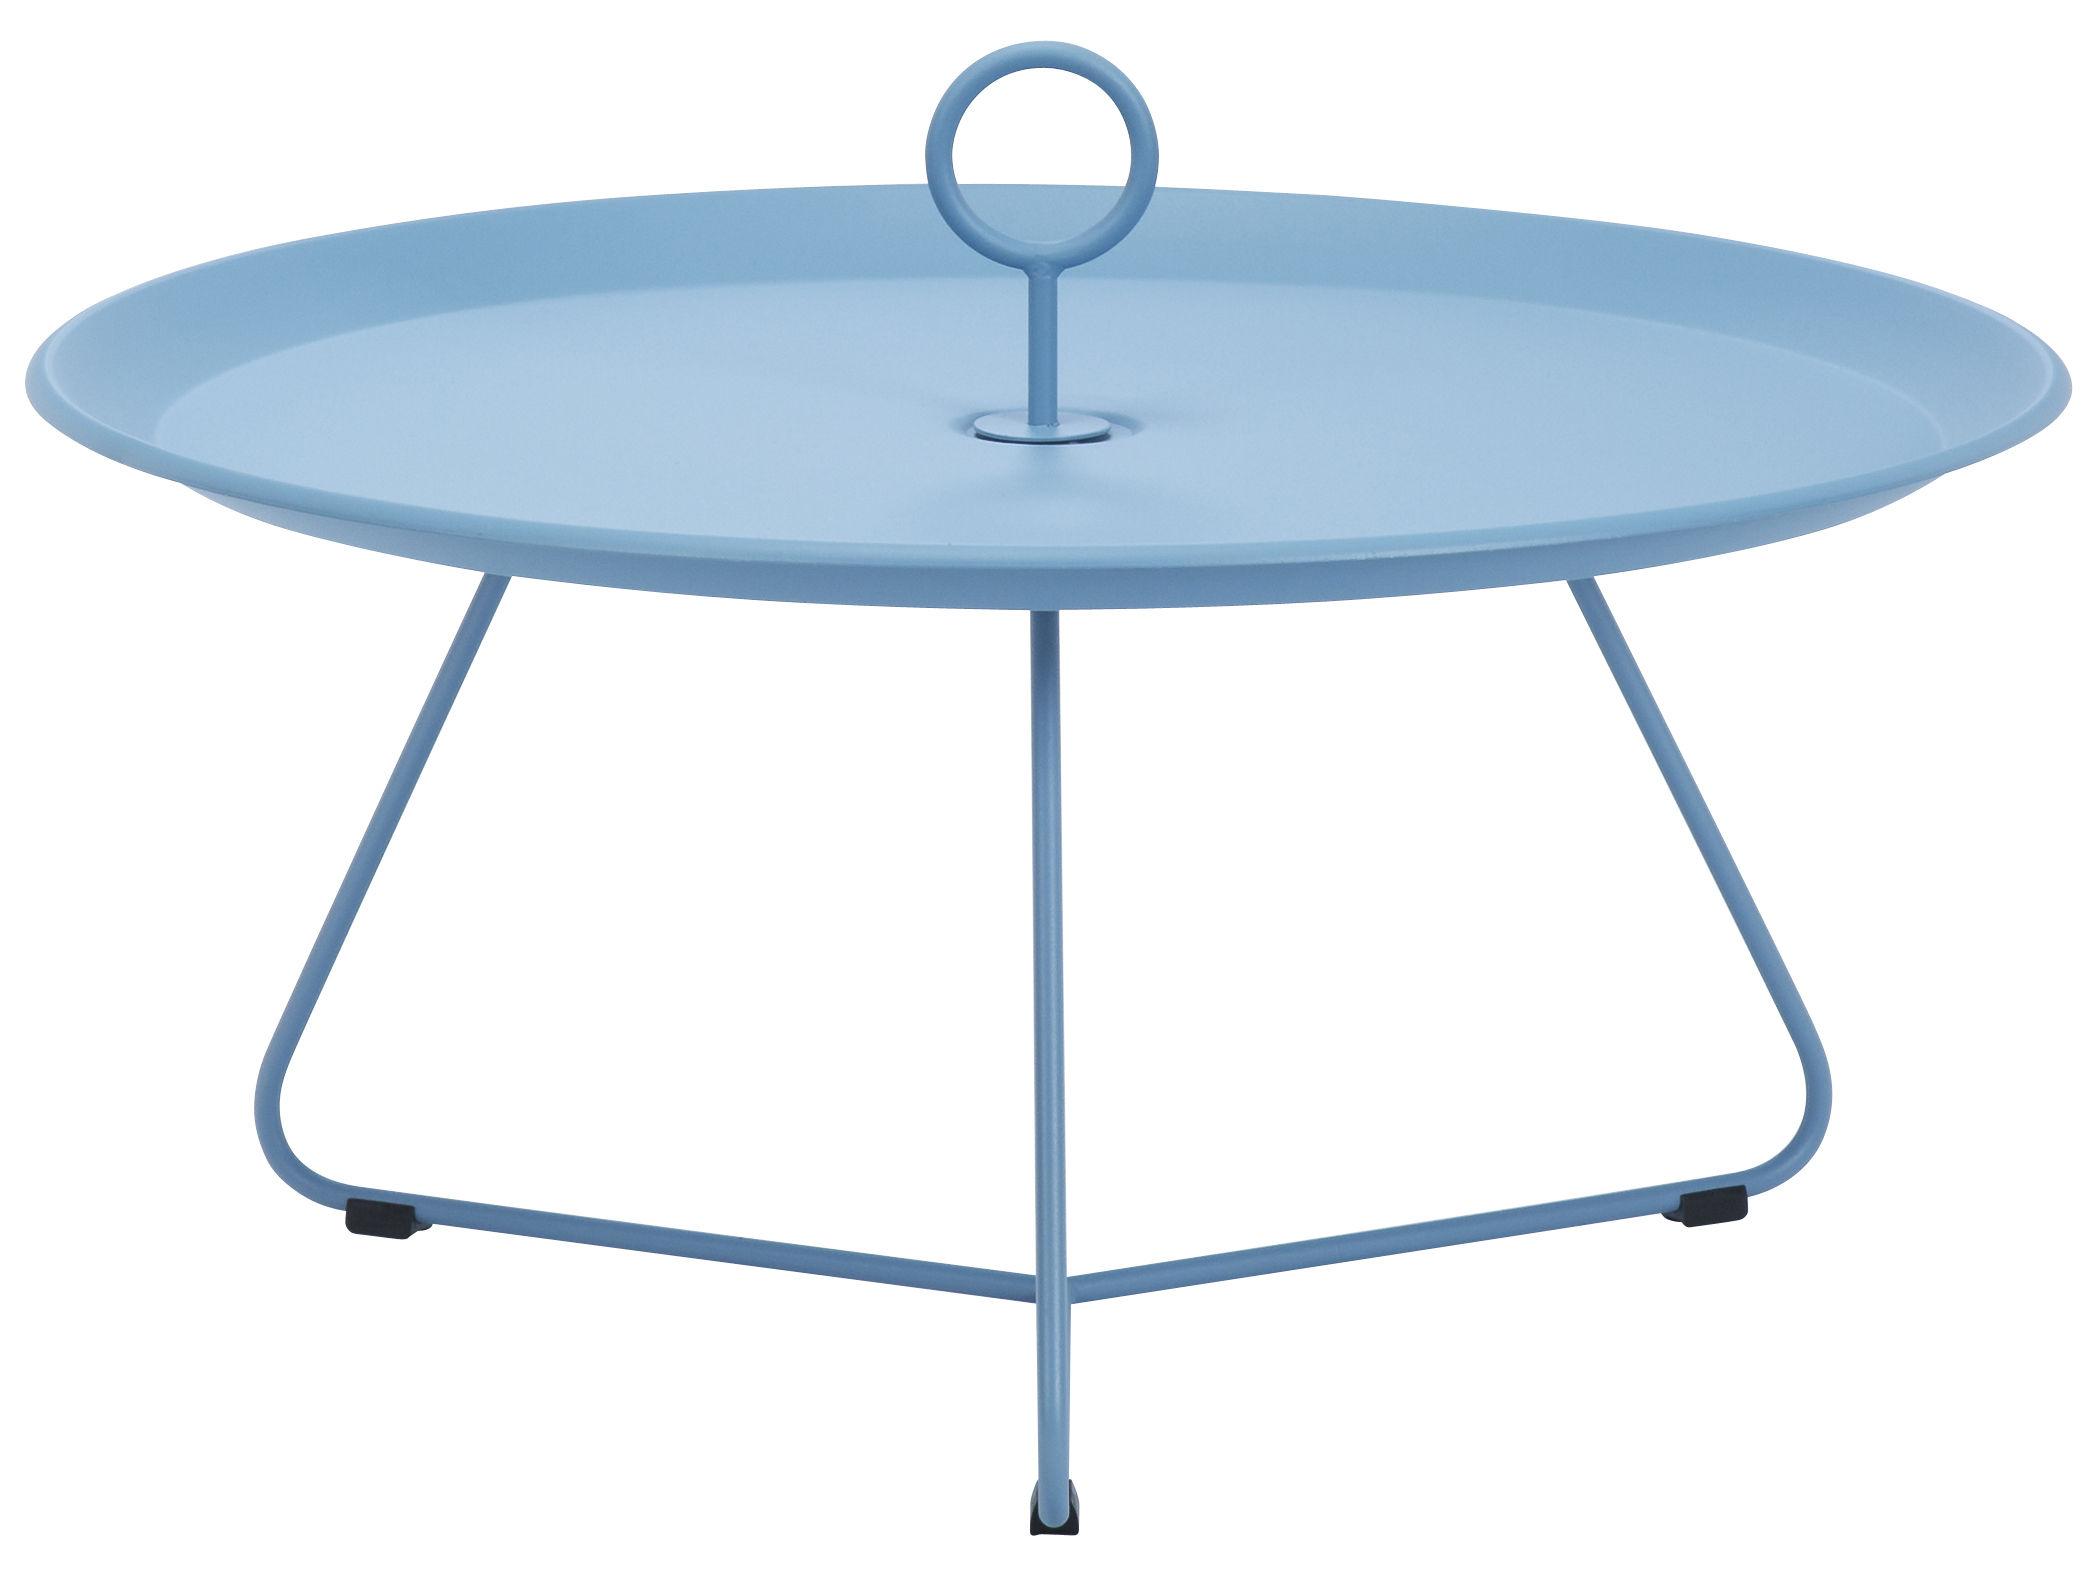 Möbel - Couchtische - Eyelet Large Couchtisch / Ø 80 cm x H 35 cm - Houe - Pastellblau - epoxy-beschichtetes Metall